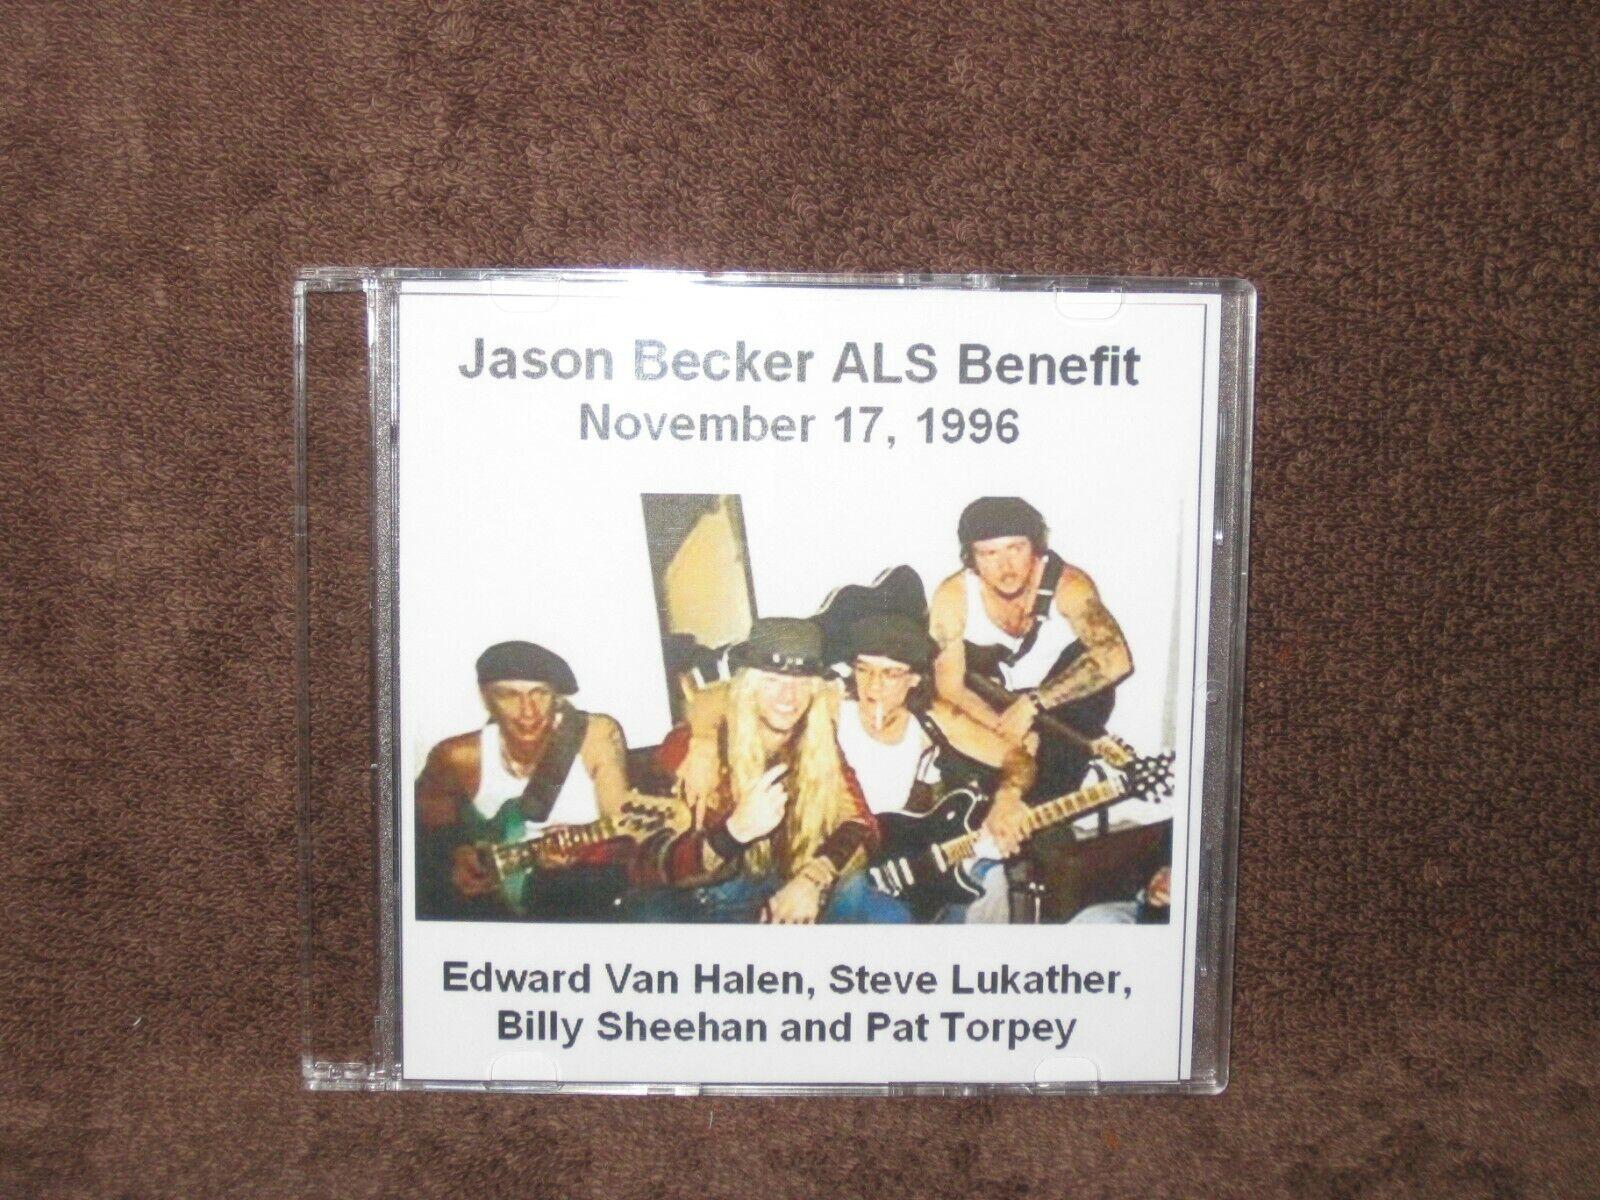 VAN HALEN, STEVE LUKATHER, BILLY SHEEHAN, PAT TORPEY Jason Becker ALS Benefit  - $14.99